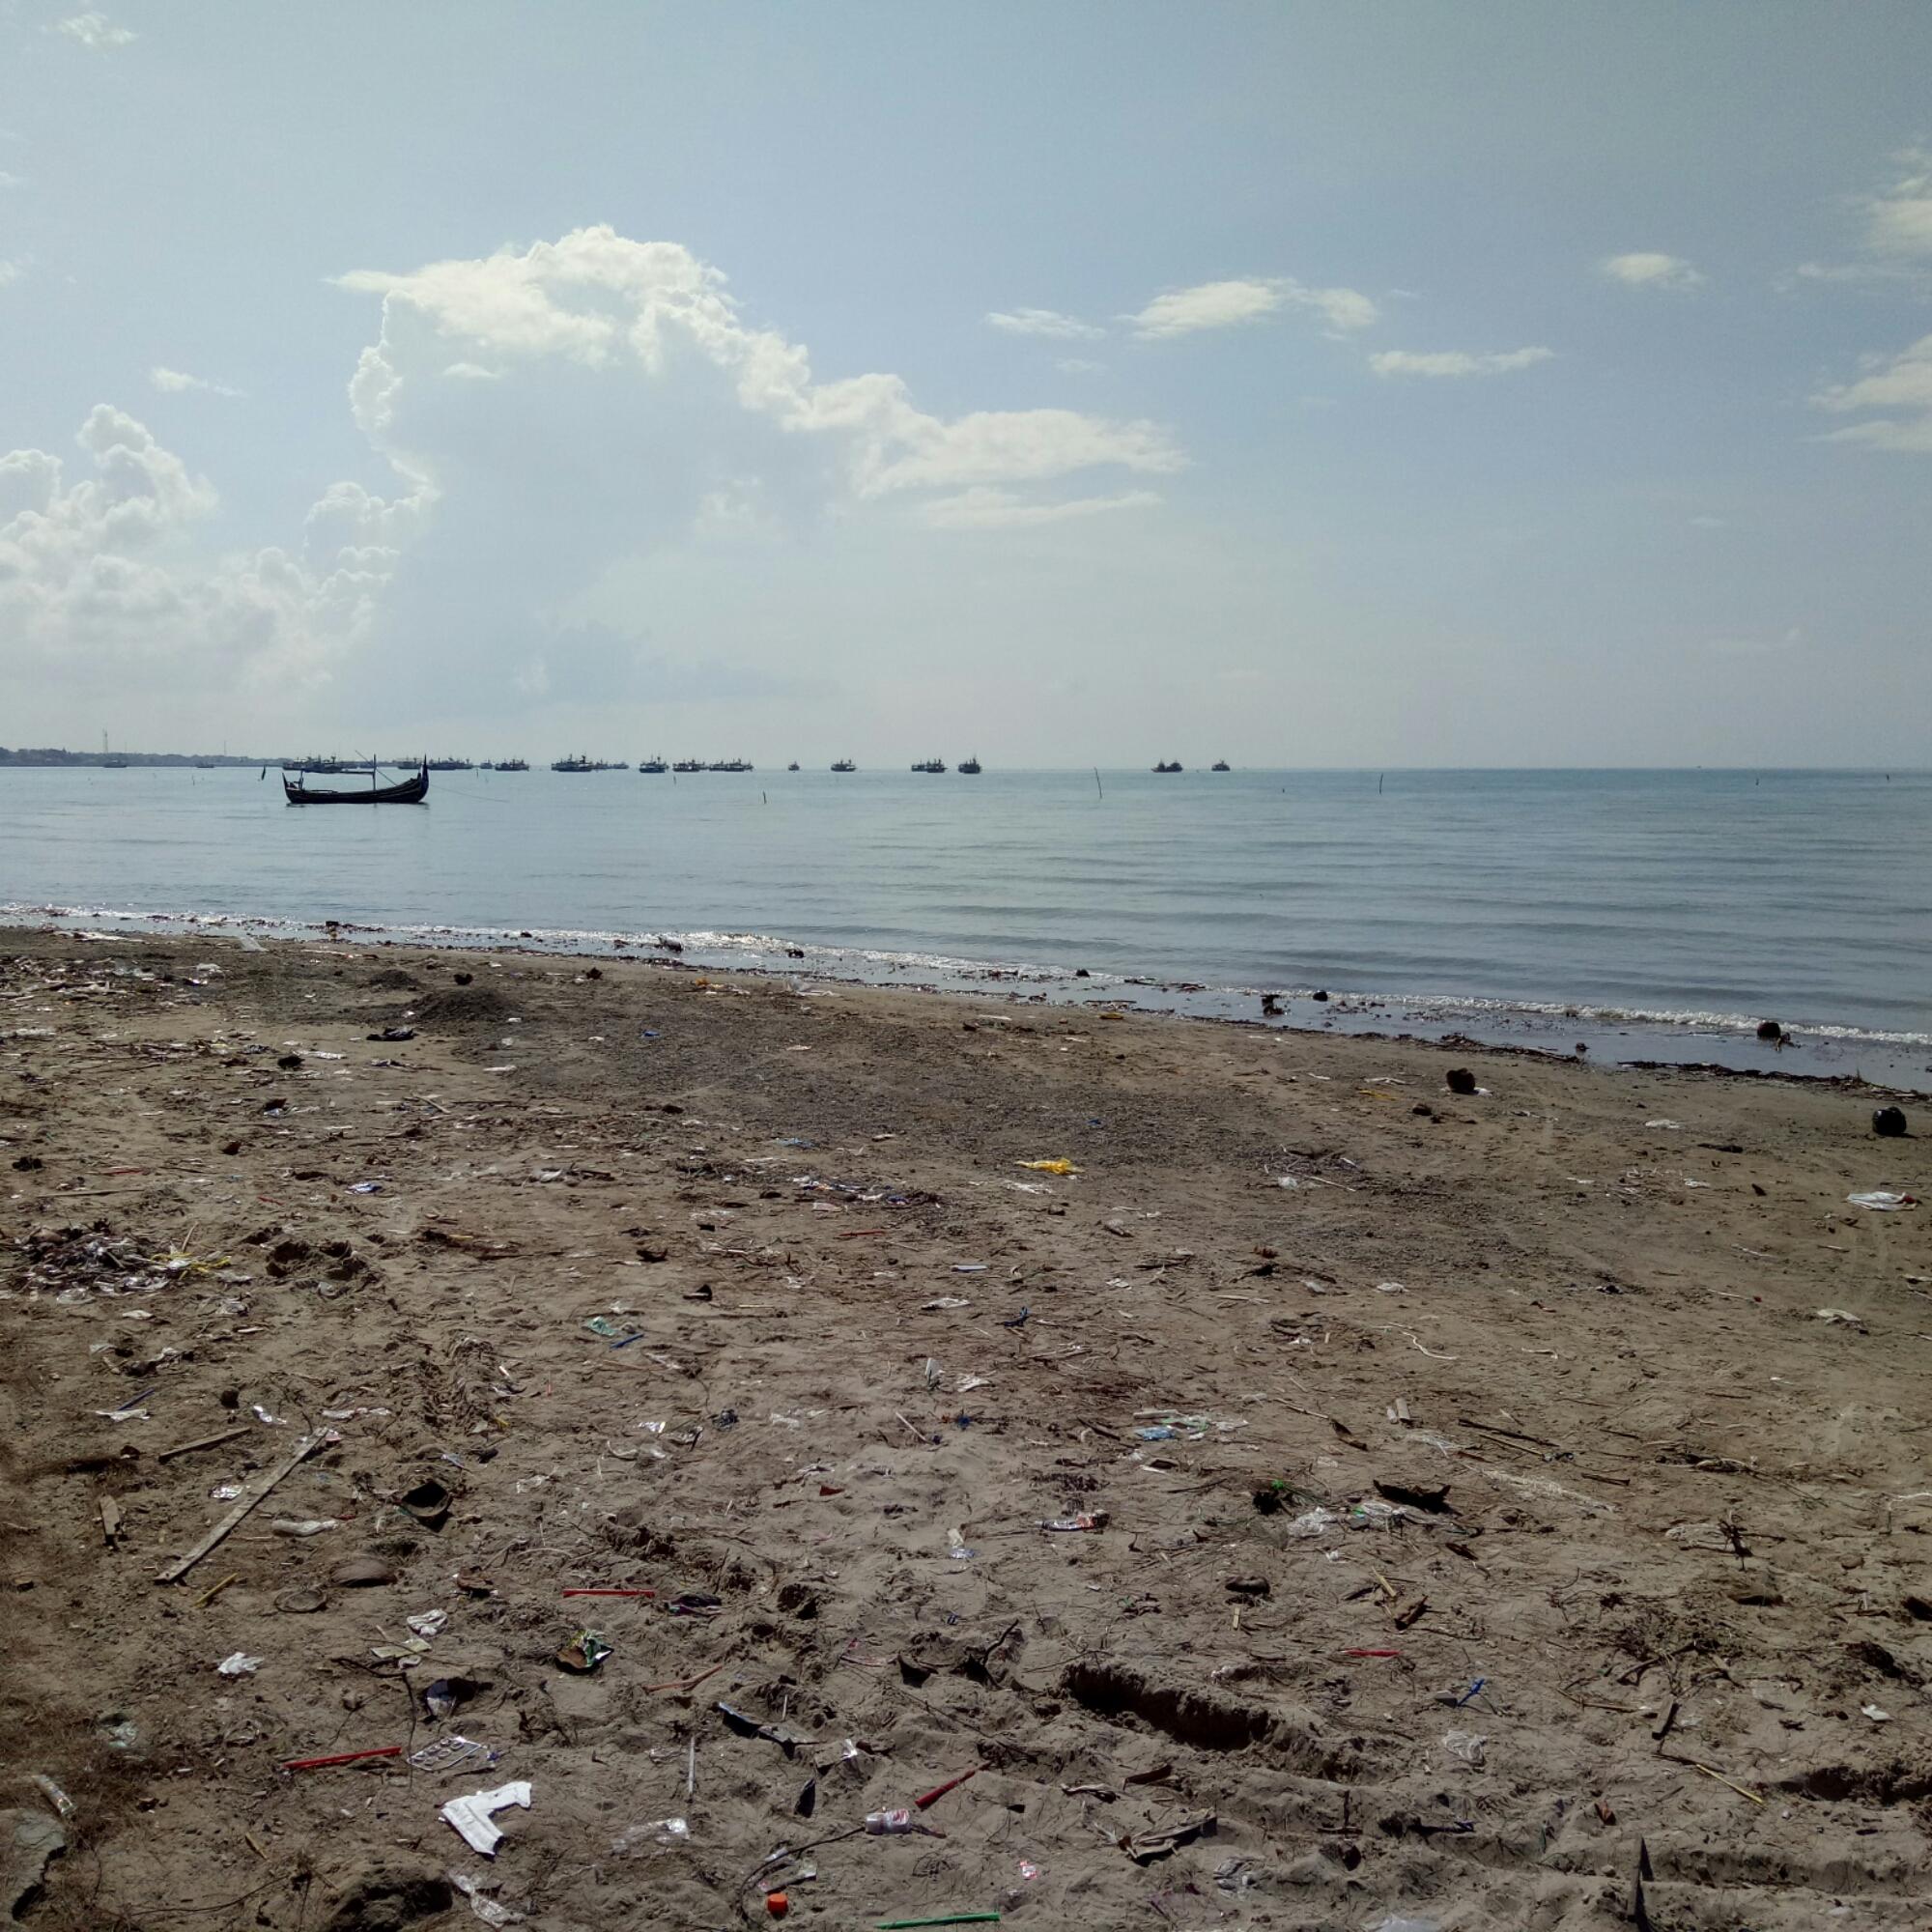 Pantai Camplong Indriemustamil Sayang Tentunya Anugerah Kekayaan Alam Diberikan Tuhan